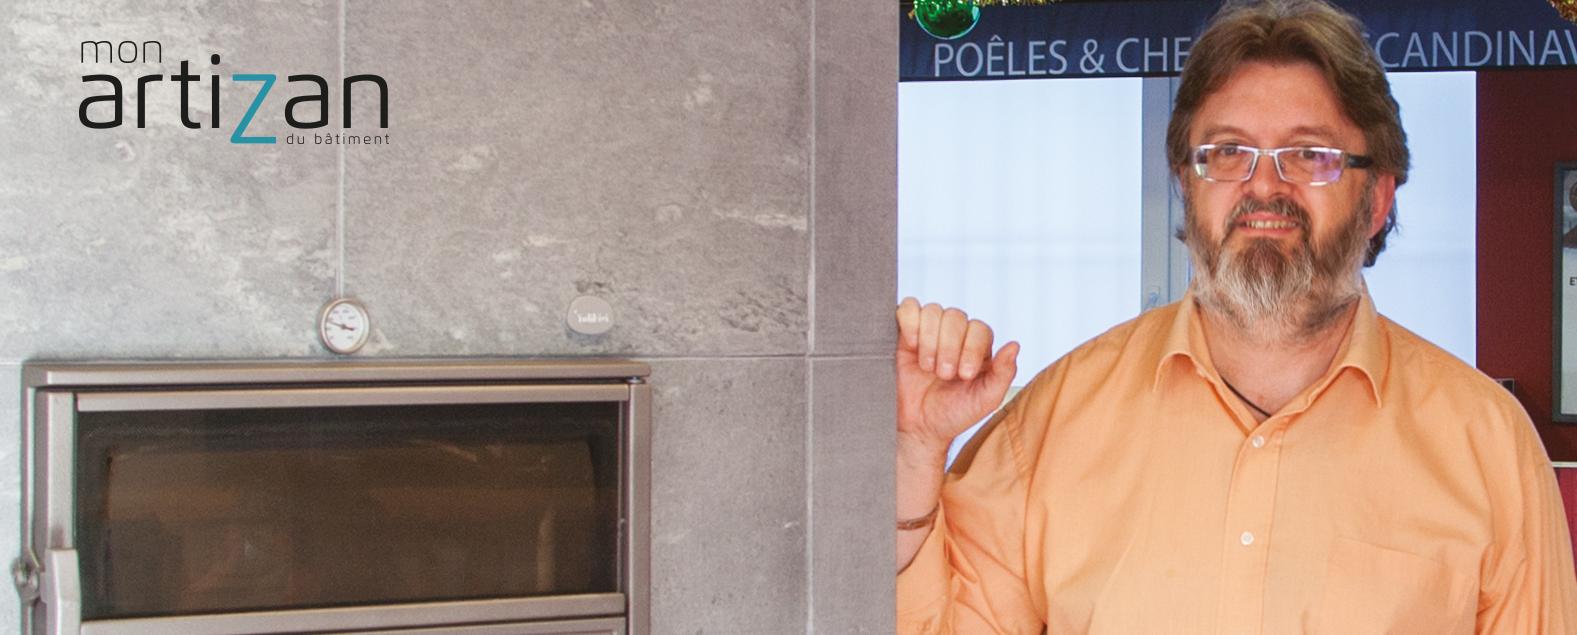 CHEMINÉES PAYOT : CHAUFFAGE BOIS, POÊLES DE MASSE